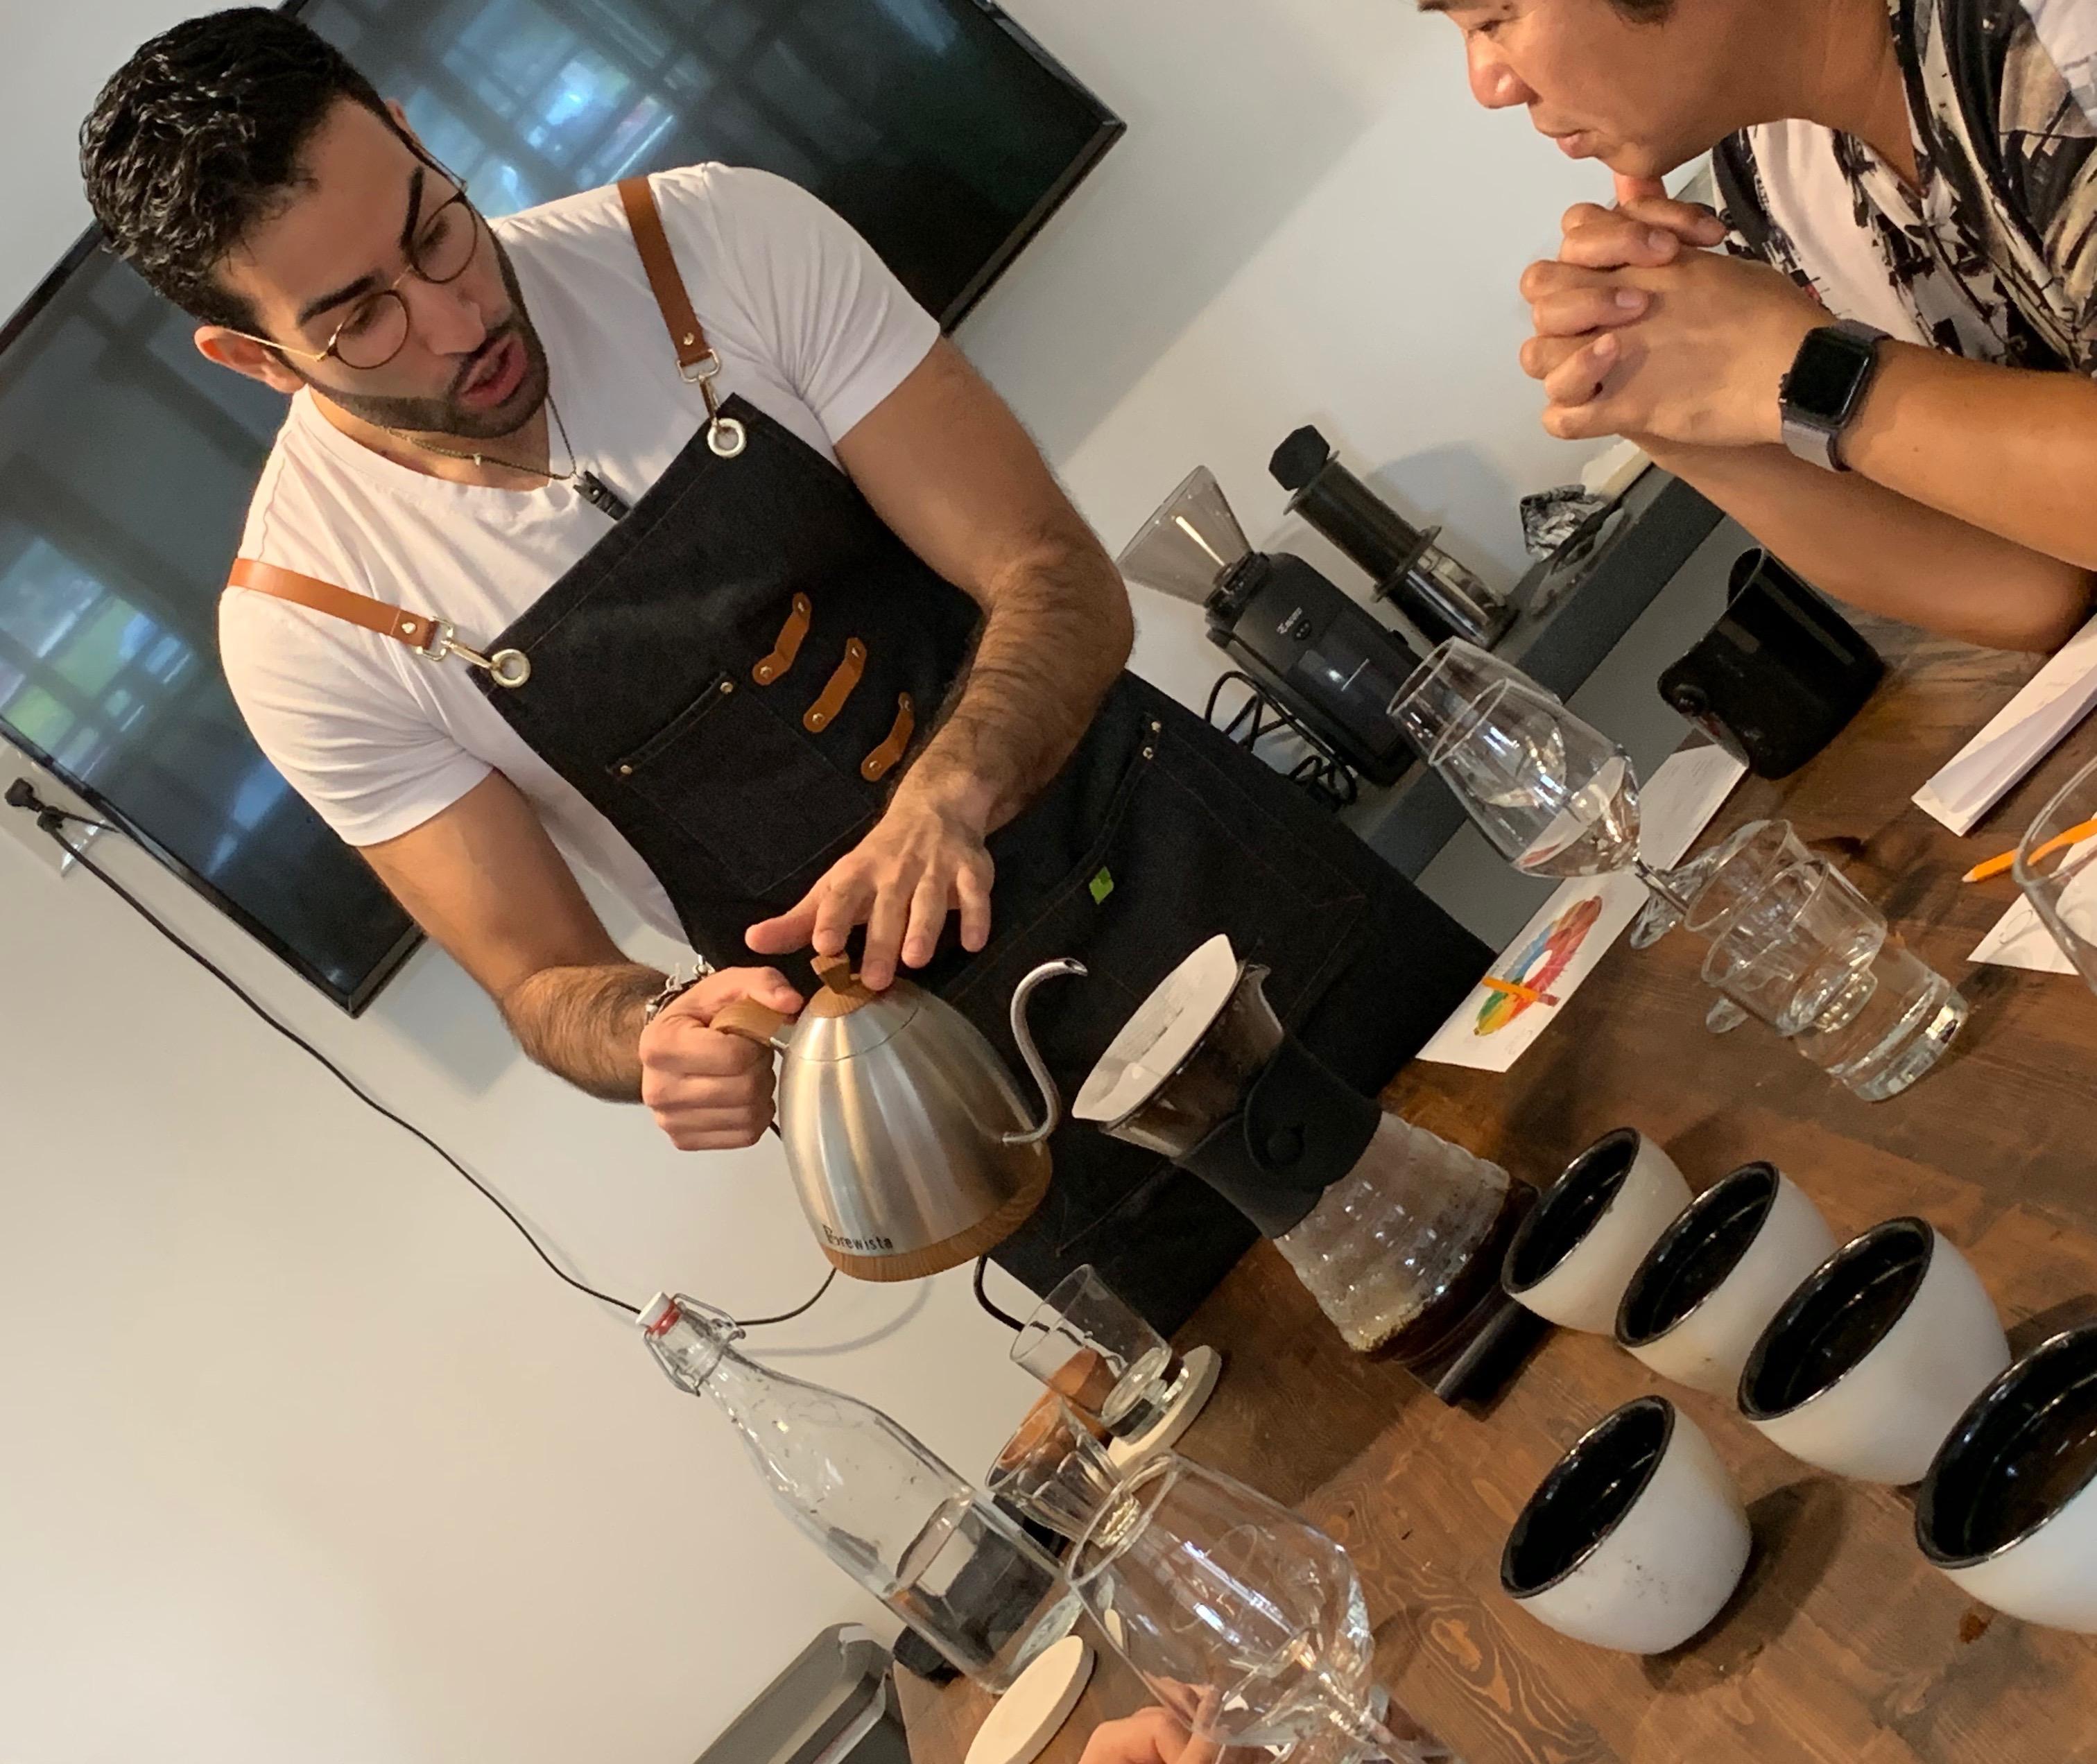 Specialty Coffee Tasting Workshop